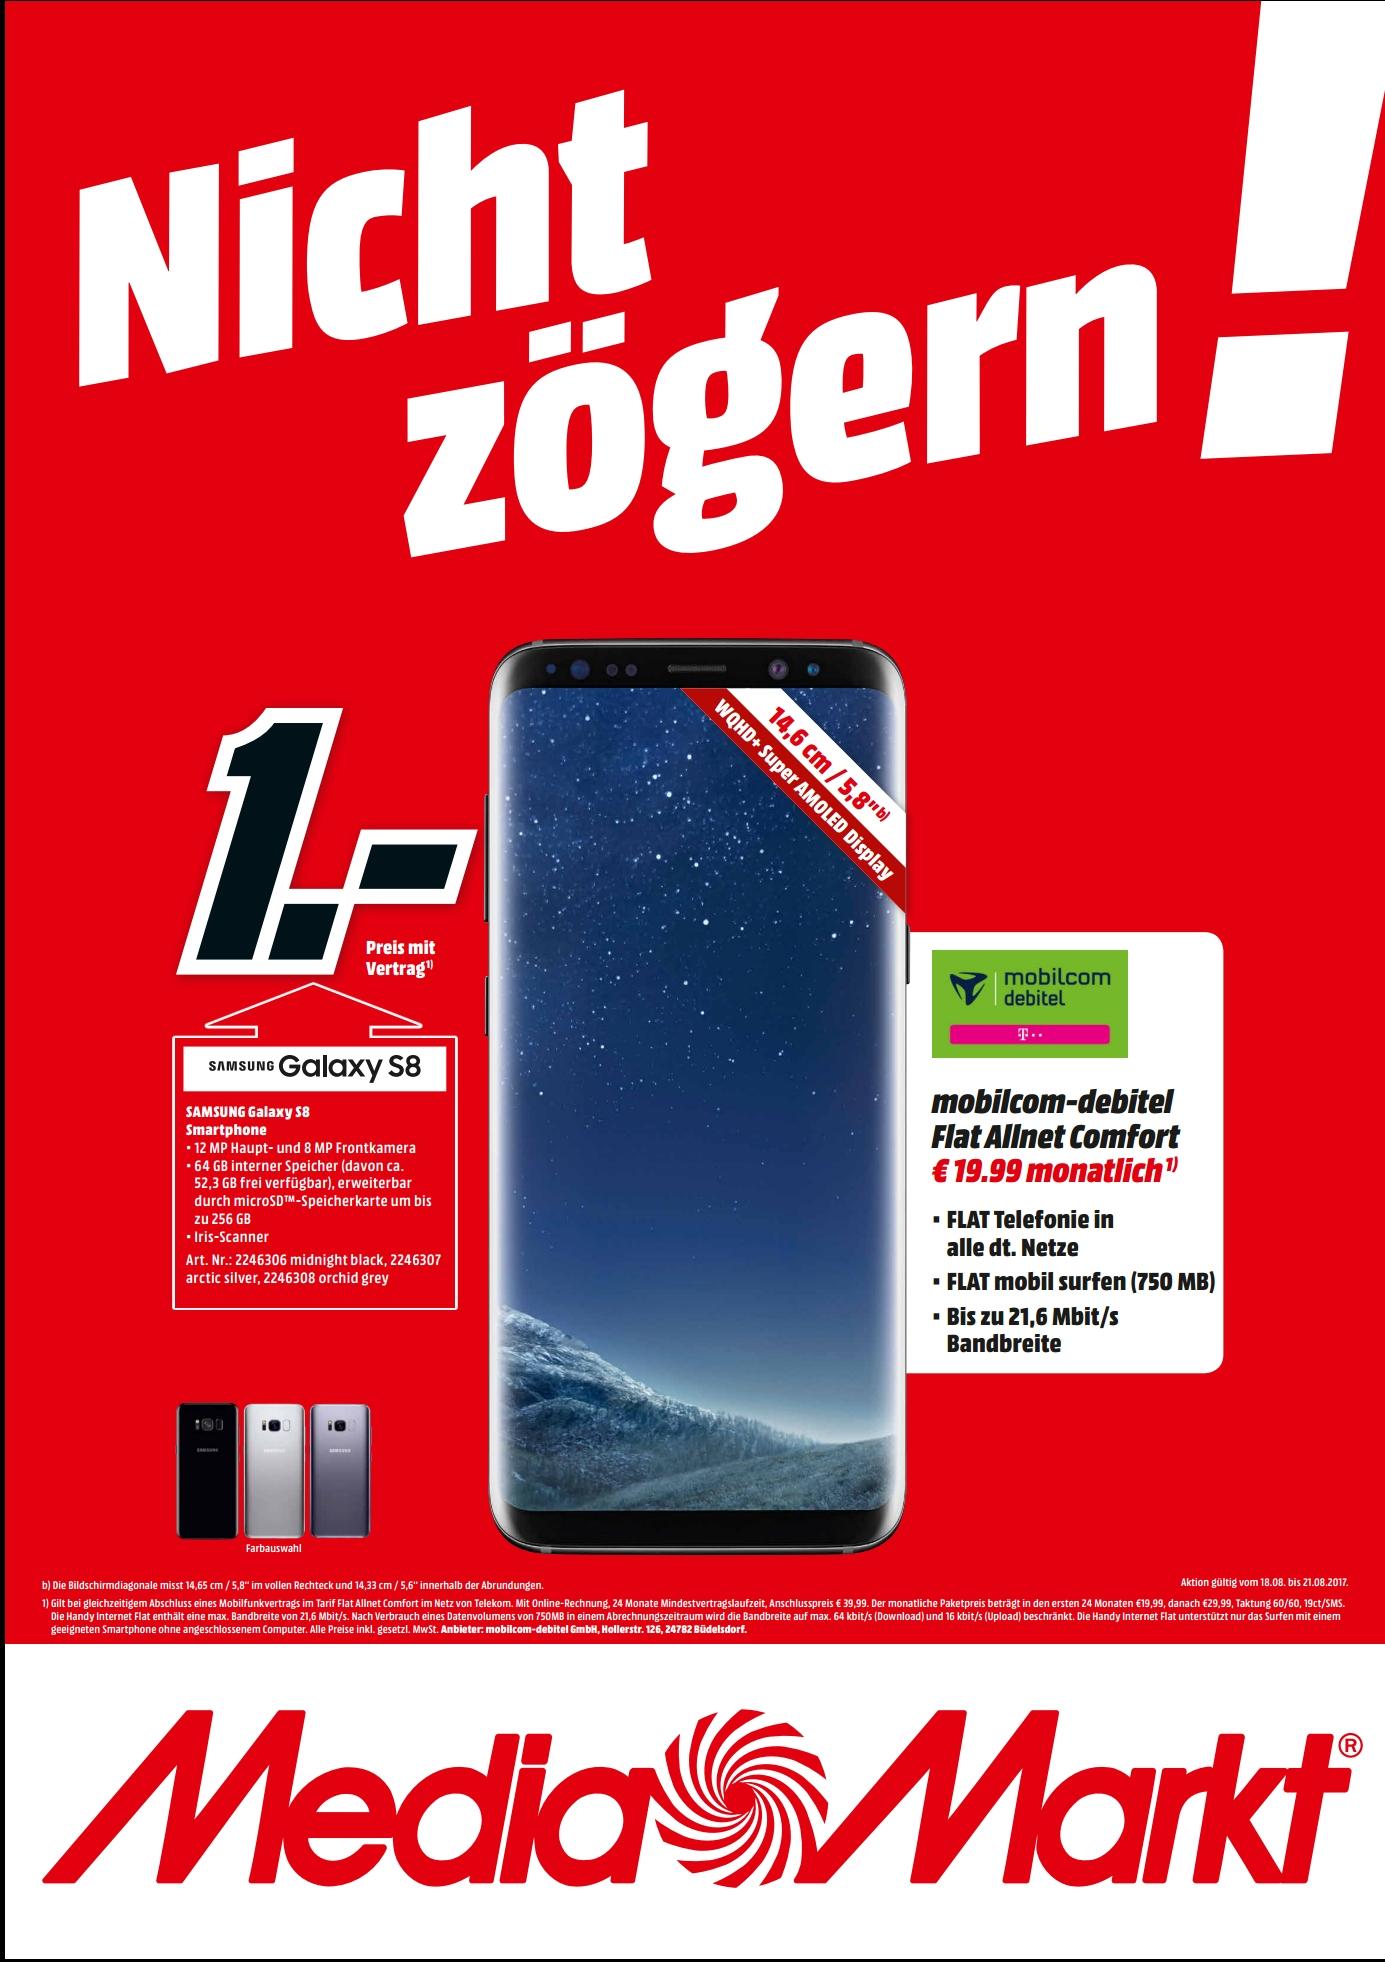 Schnapp des Tages - S8 mit Allnet Flat mtl. 19.99€ für 1€